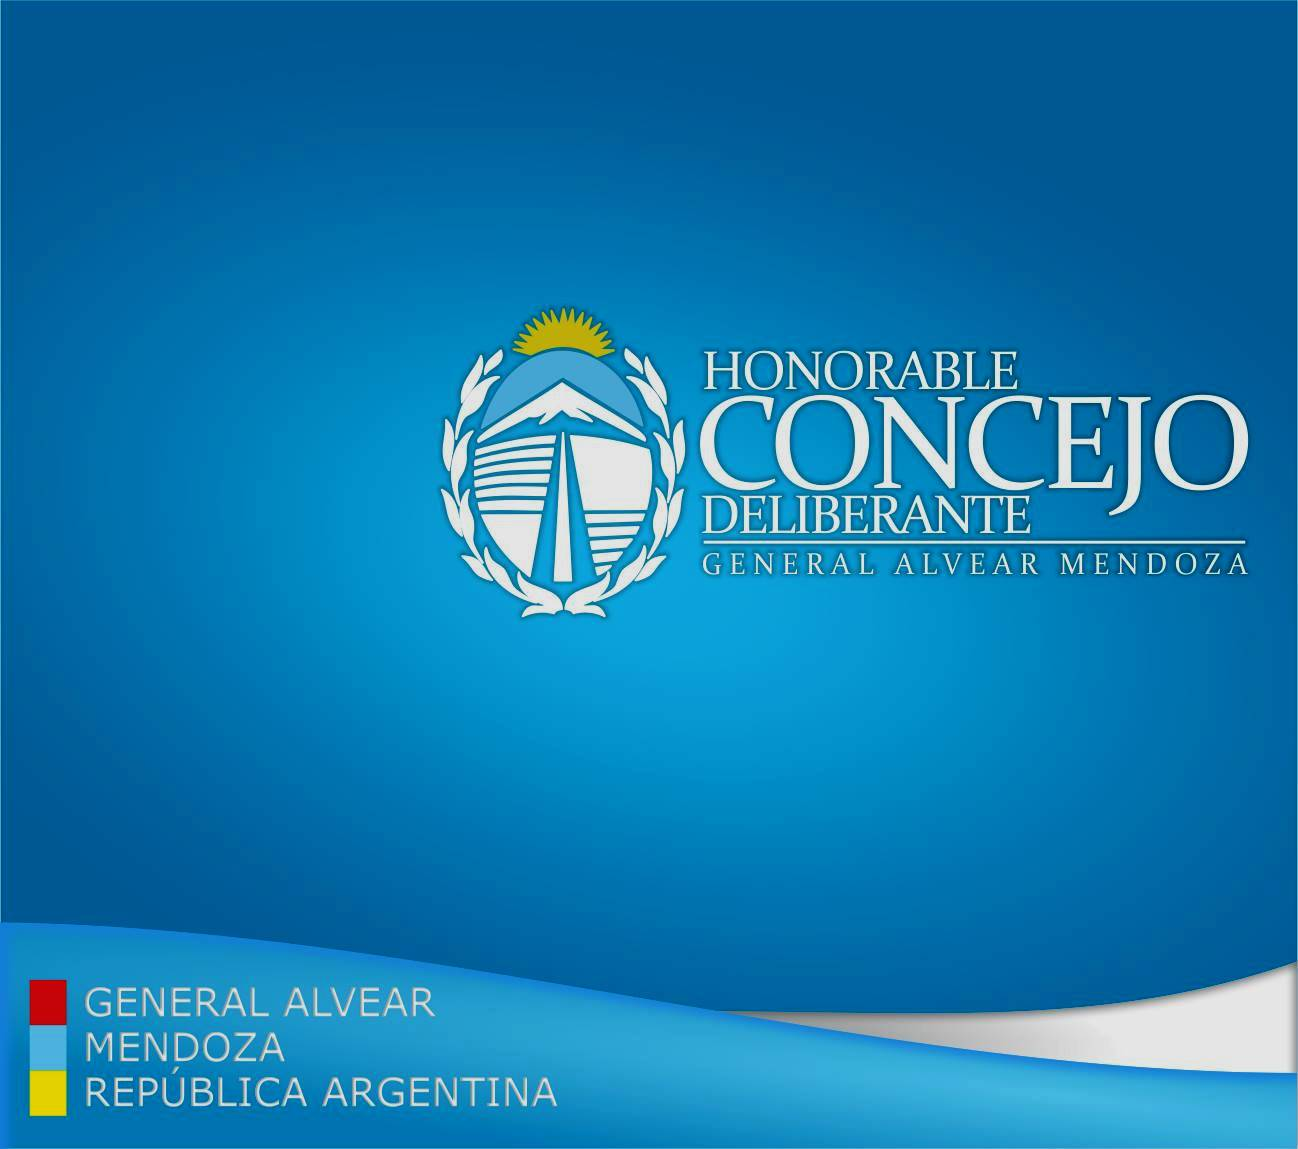 ELECCIONES 2015: EL H.C.D EN DICIEMBRE RECIBE 5 NUEVOS CONCEJALES